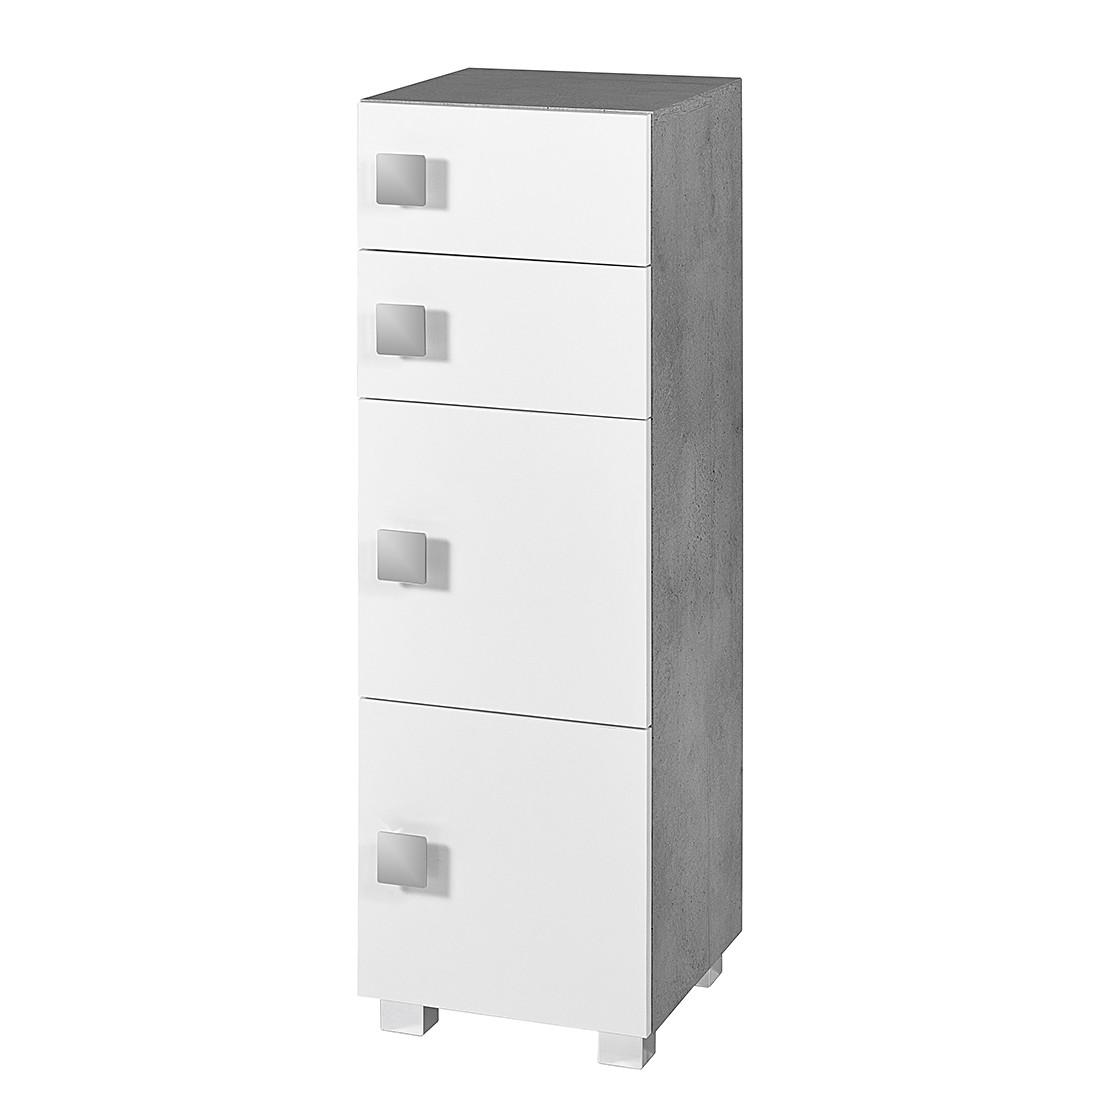 Mobiletto Genf - Bianco lucido/Grigio pietra A 2 ante/2 cassetti, Schildmeyer